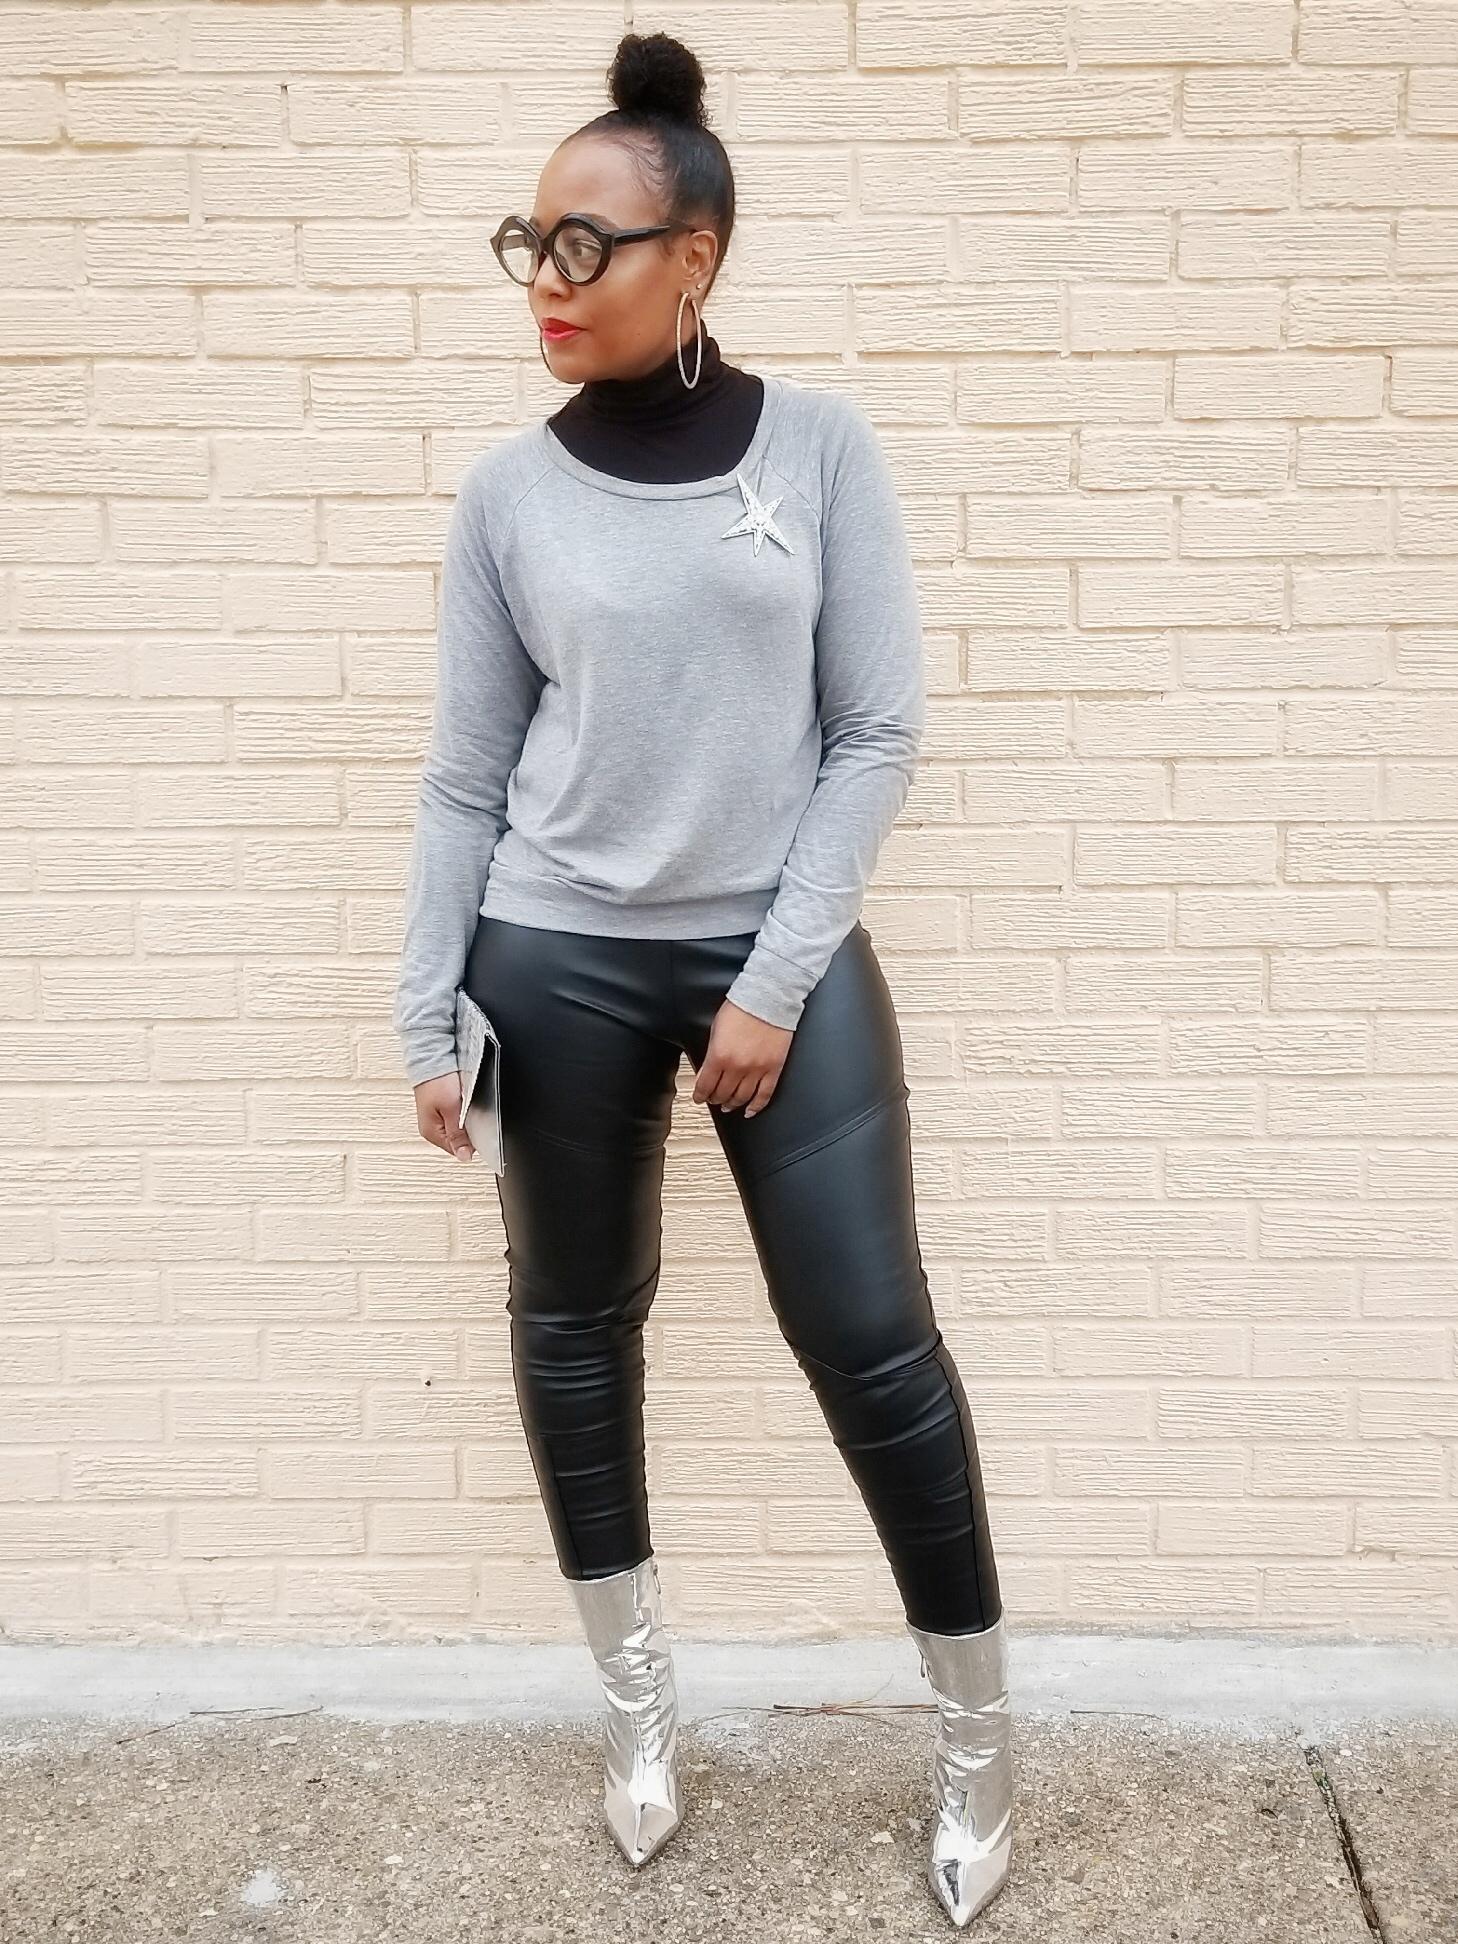 Sweatshirt (Forever21) Alternatives  here  | Turtleneck (Primark) | Pants (Primark) | Boots (Windsor)